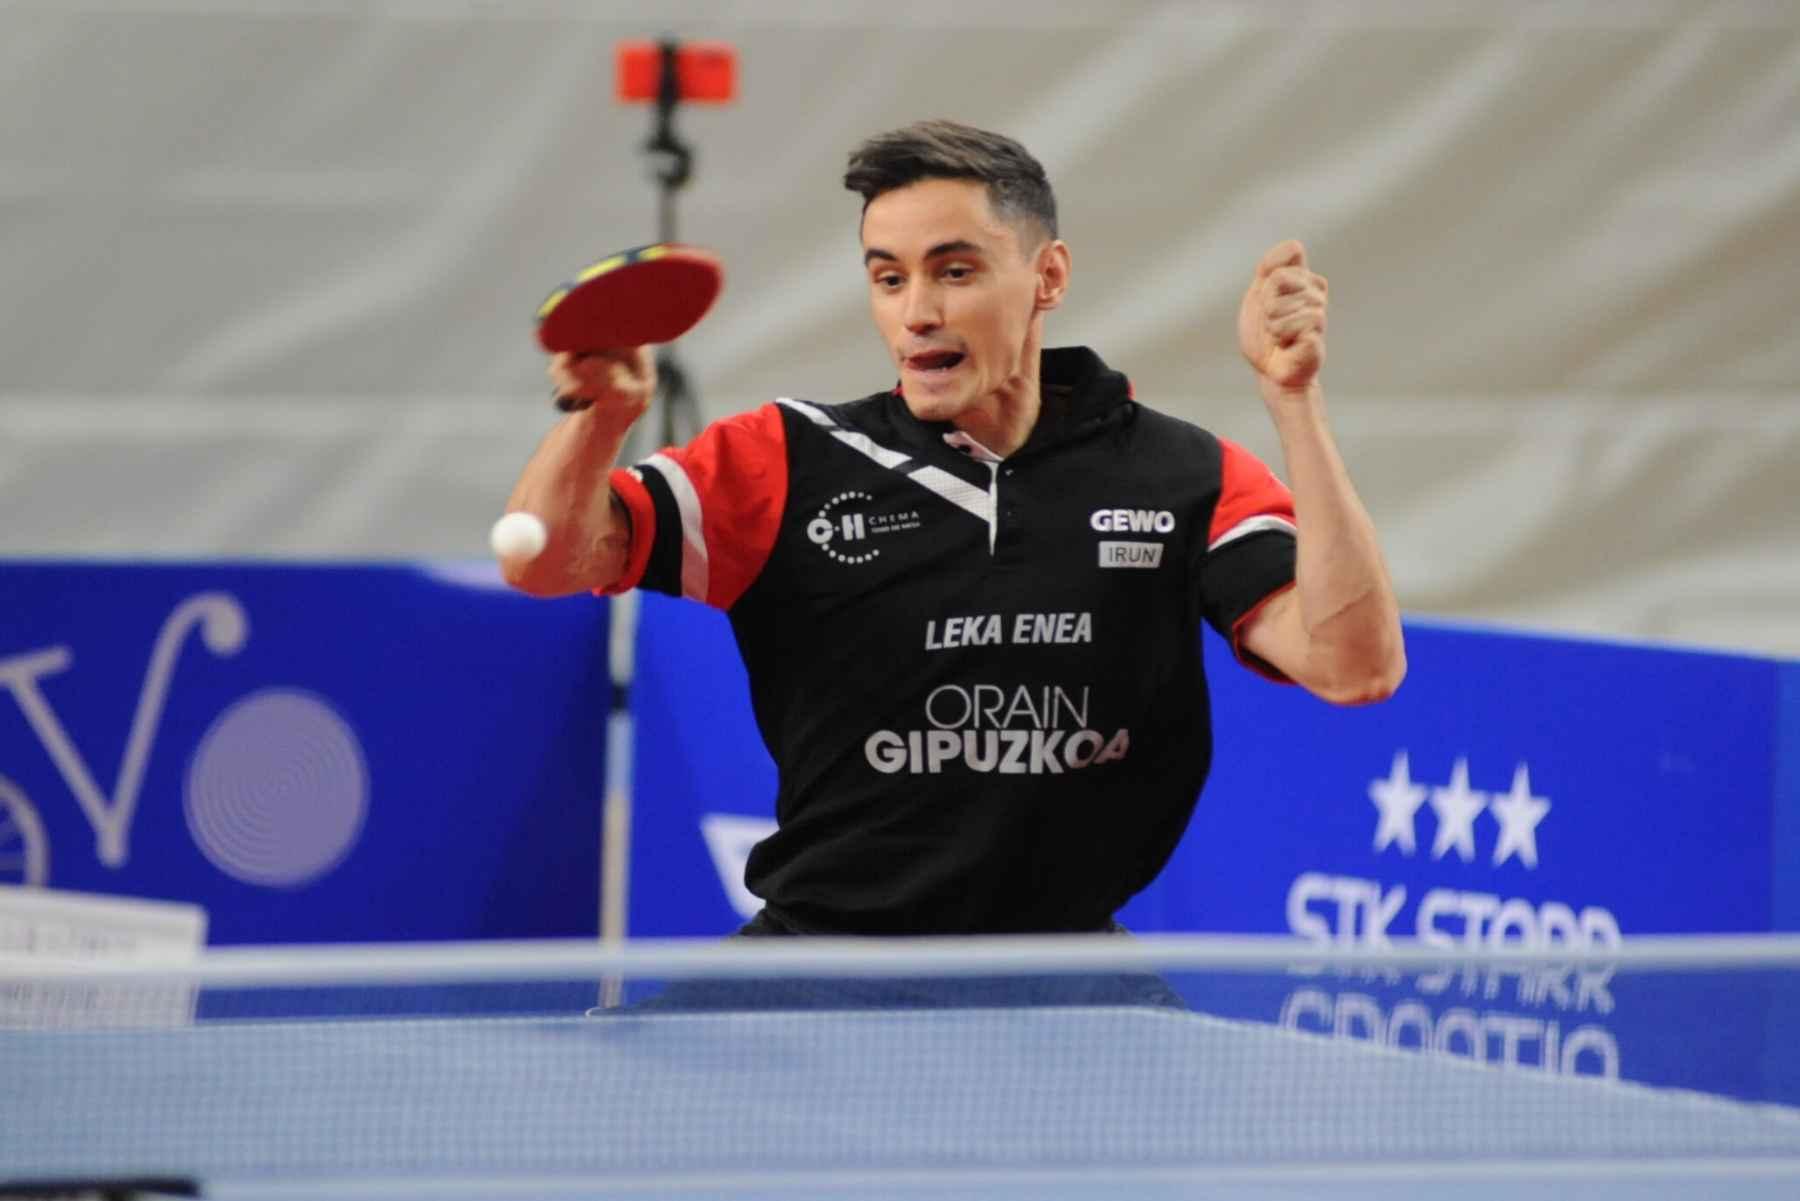 Carlos Franco, jugador de Irún Leka Enea Marpex, disputando un partido de Champions League Men